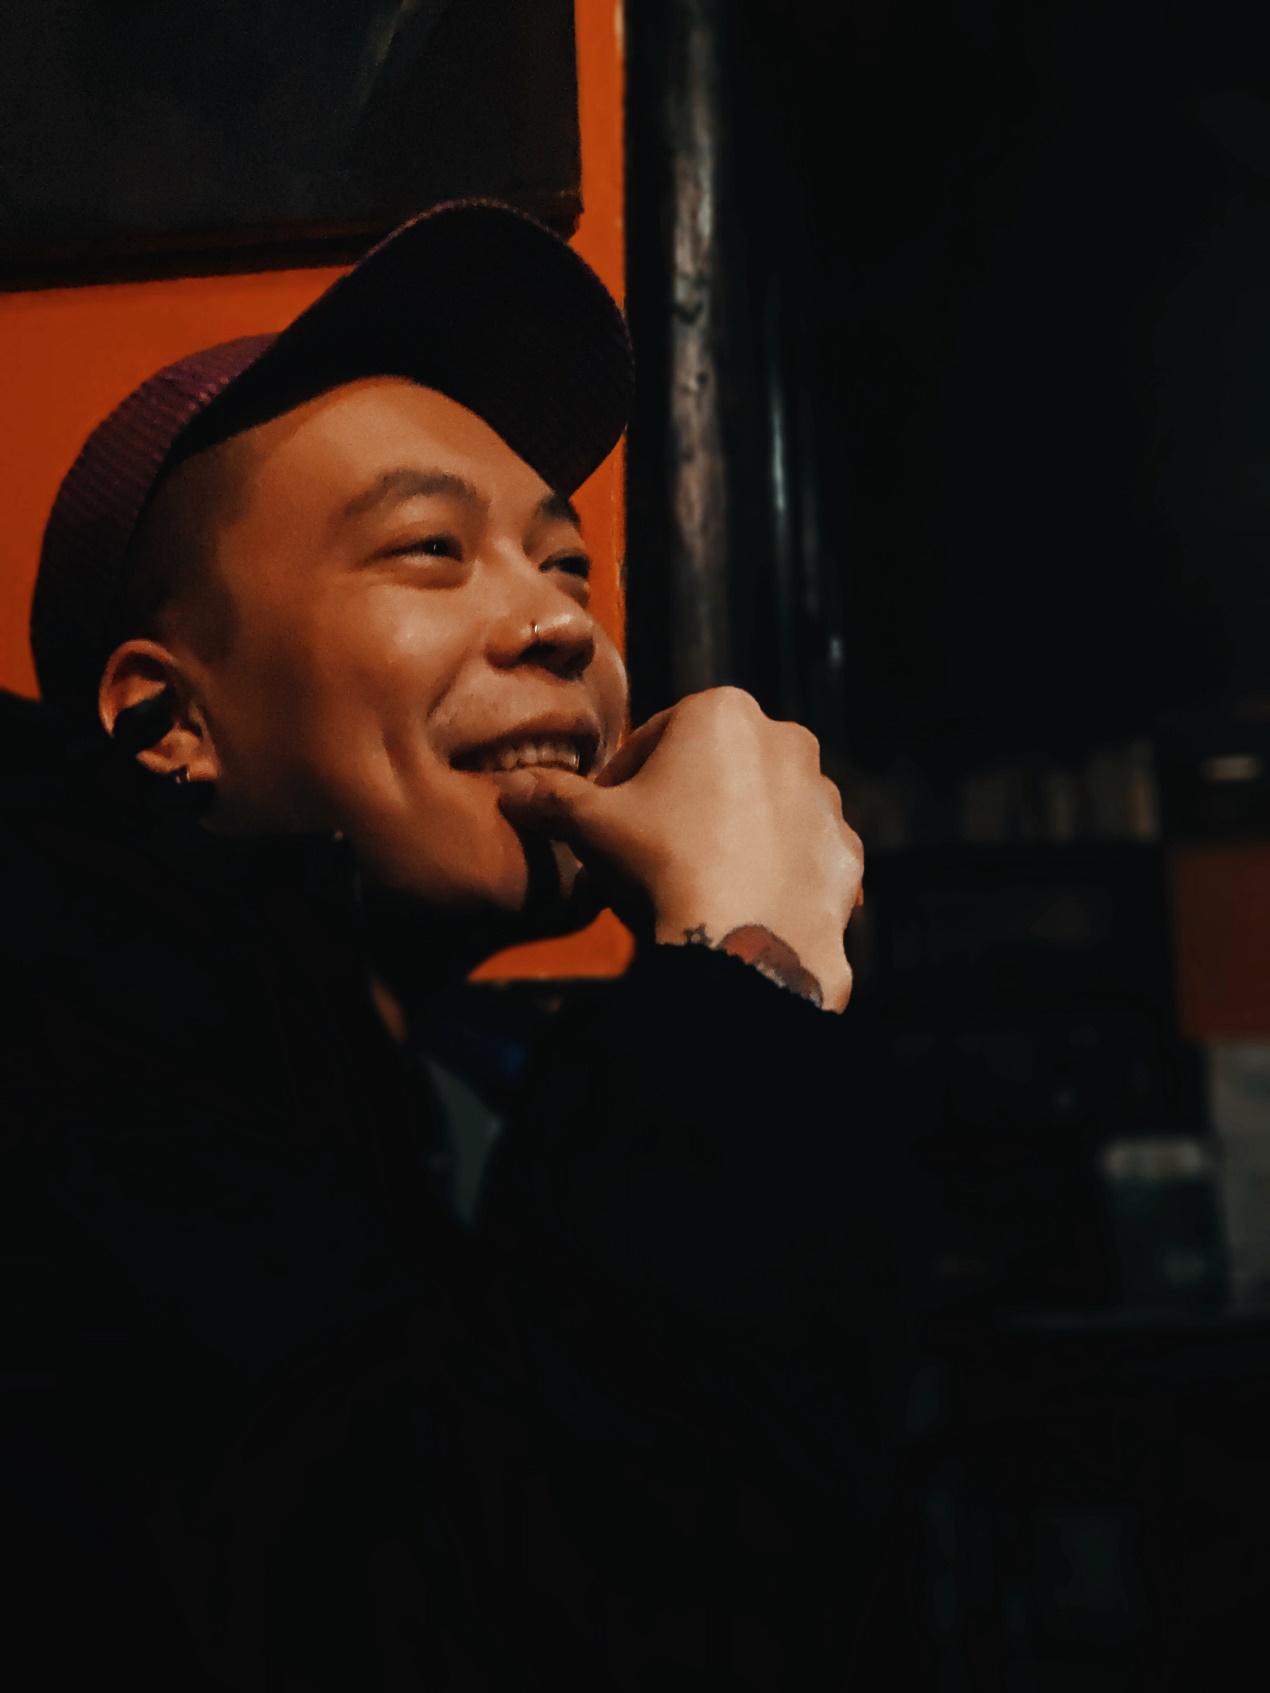 《侍魂晓》国行版主题曲MV发布 与和风trap跨界碰撞